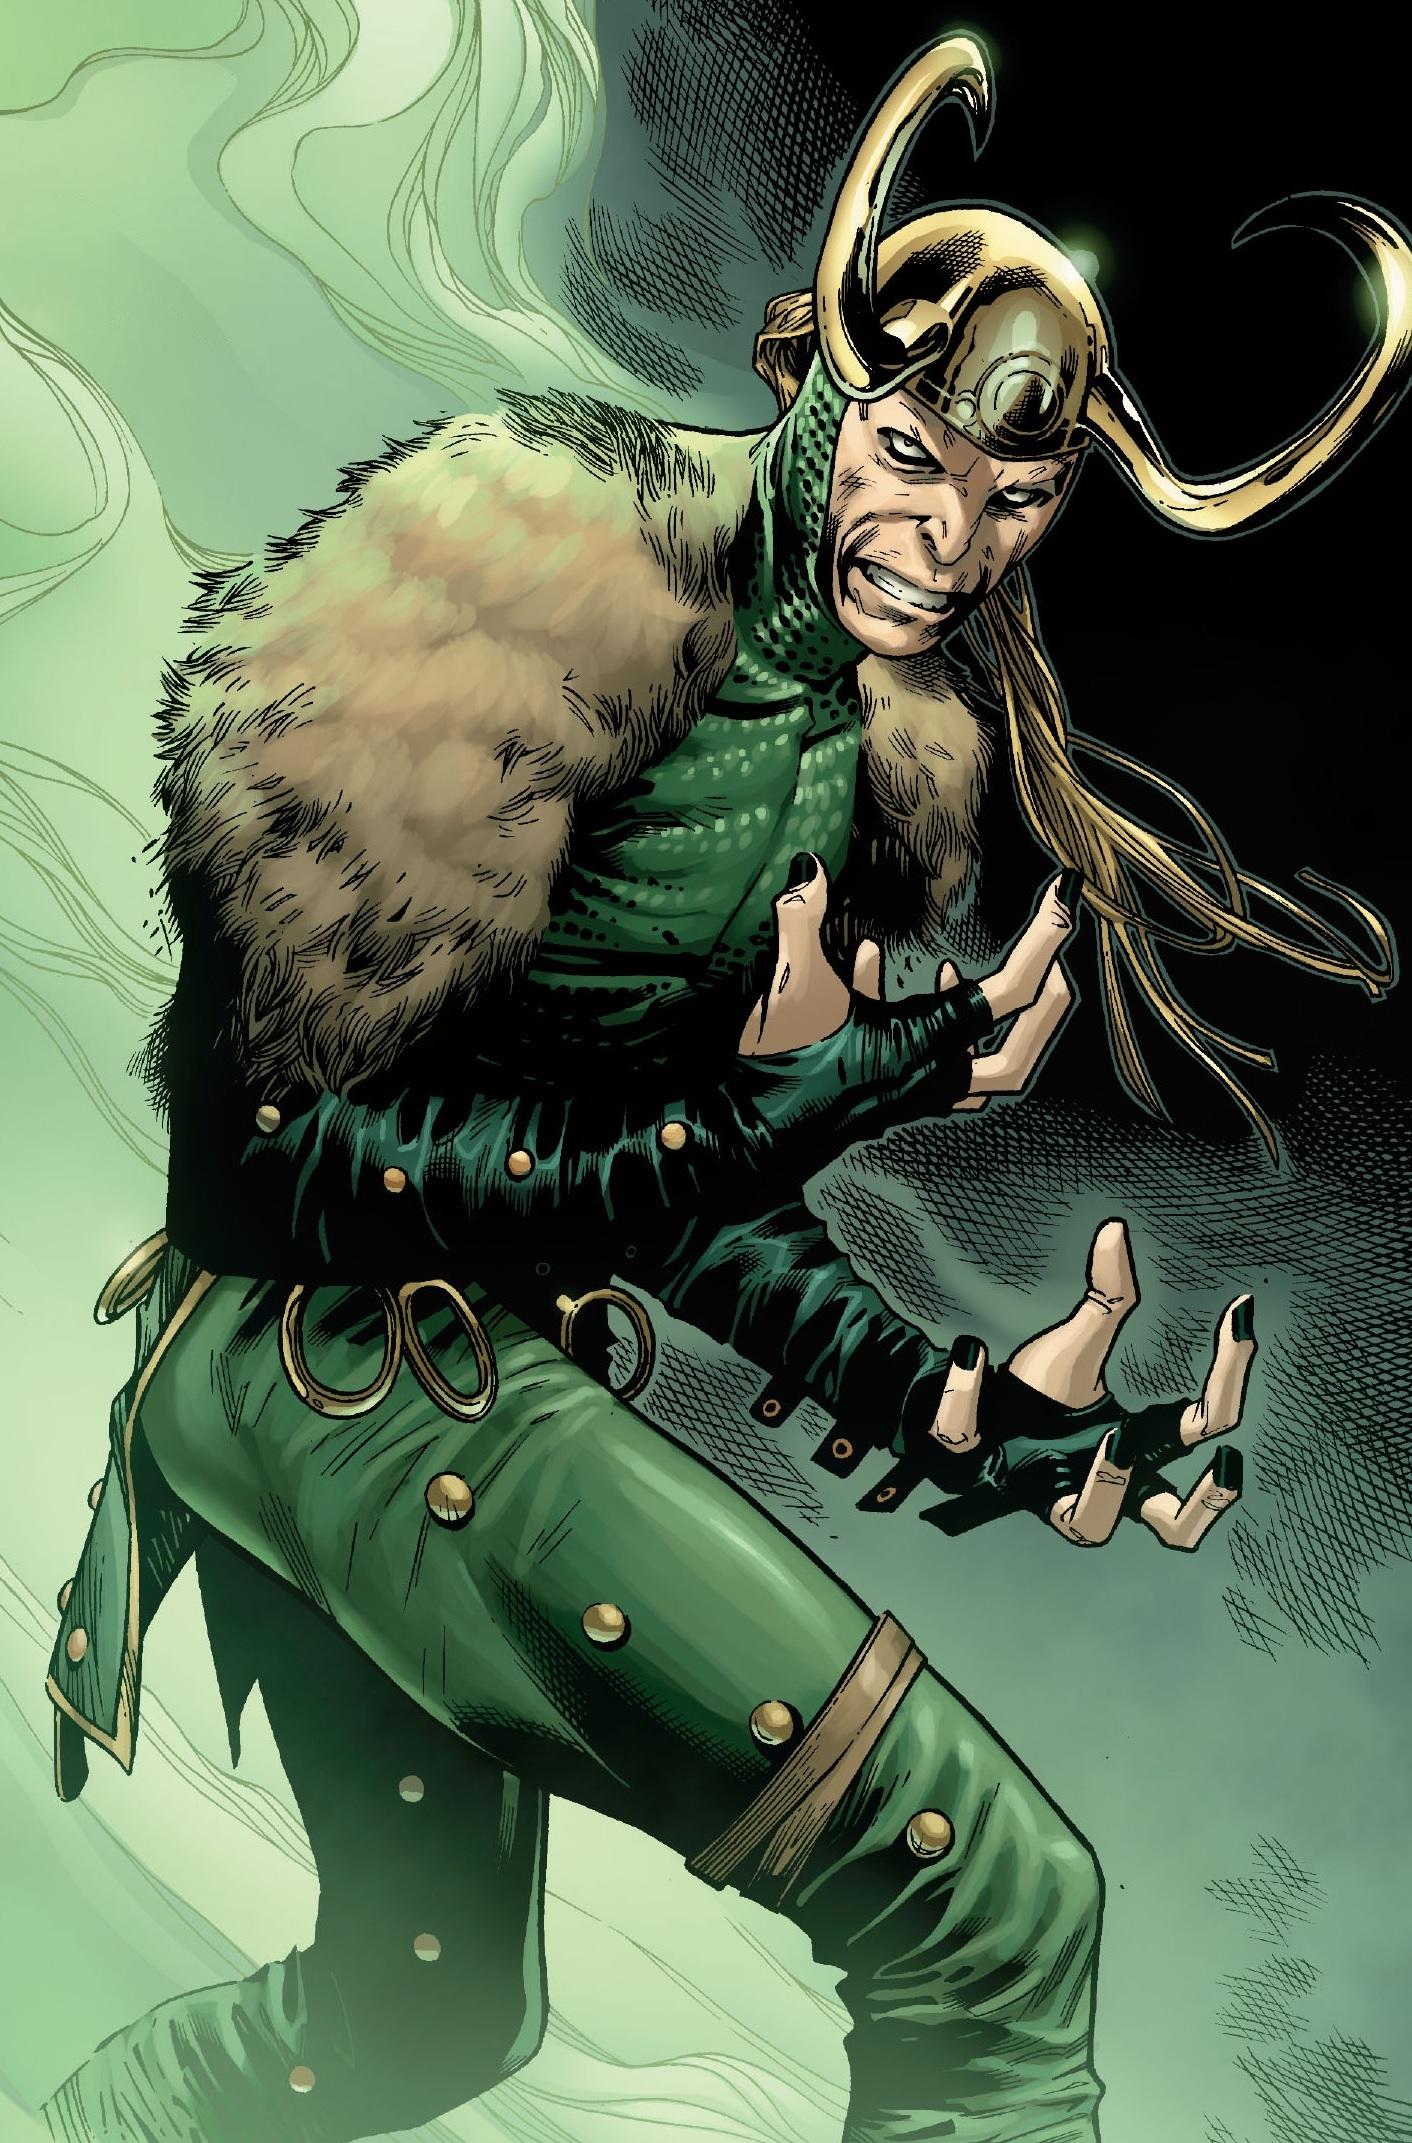 File:Thor loki.jpg